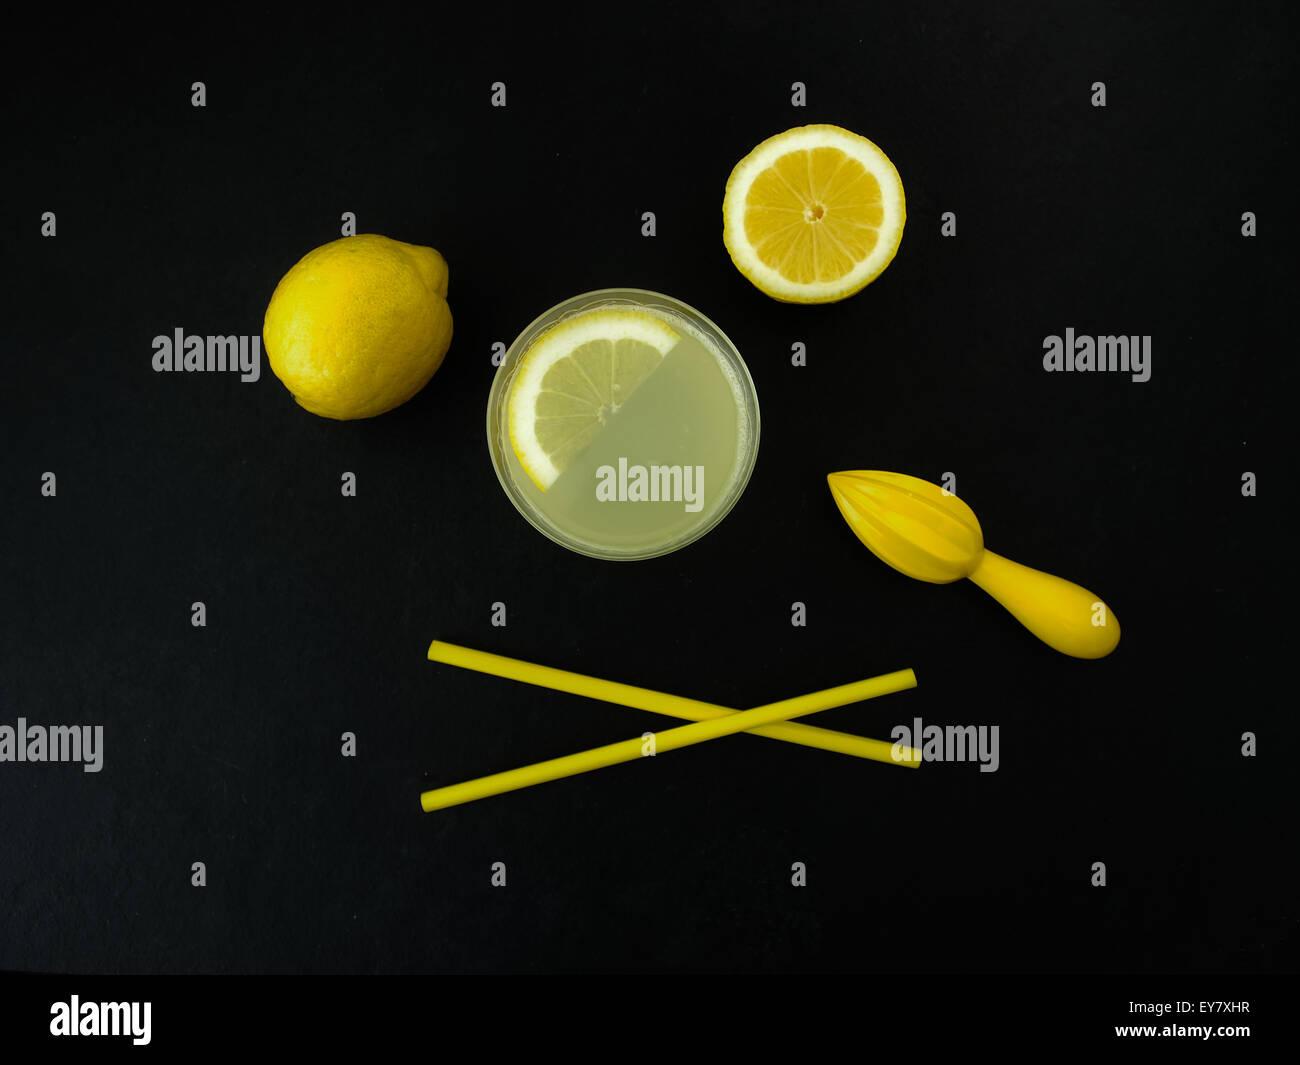 Limonada recién exprimido sobre fondo de pizarra Imagen De Stock